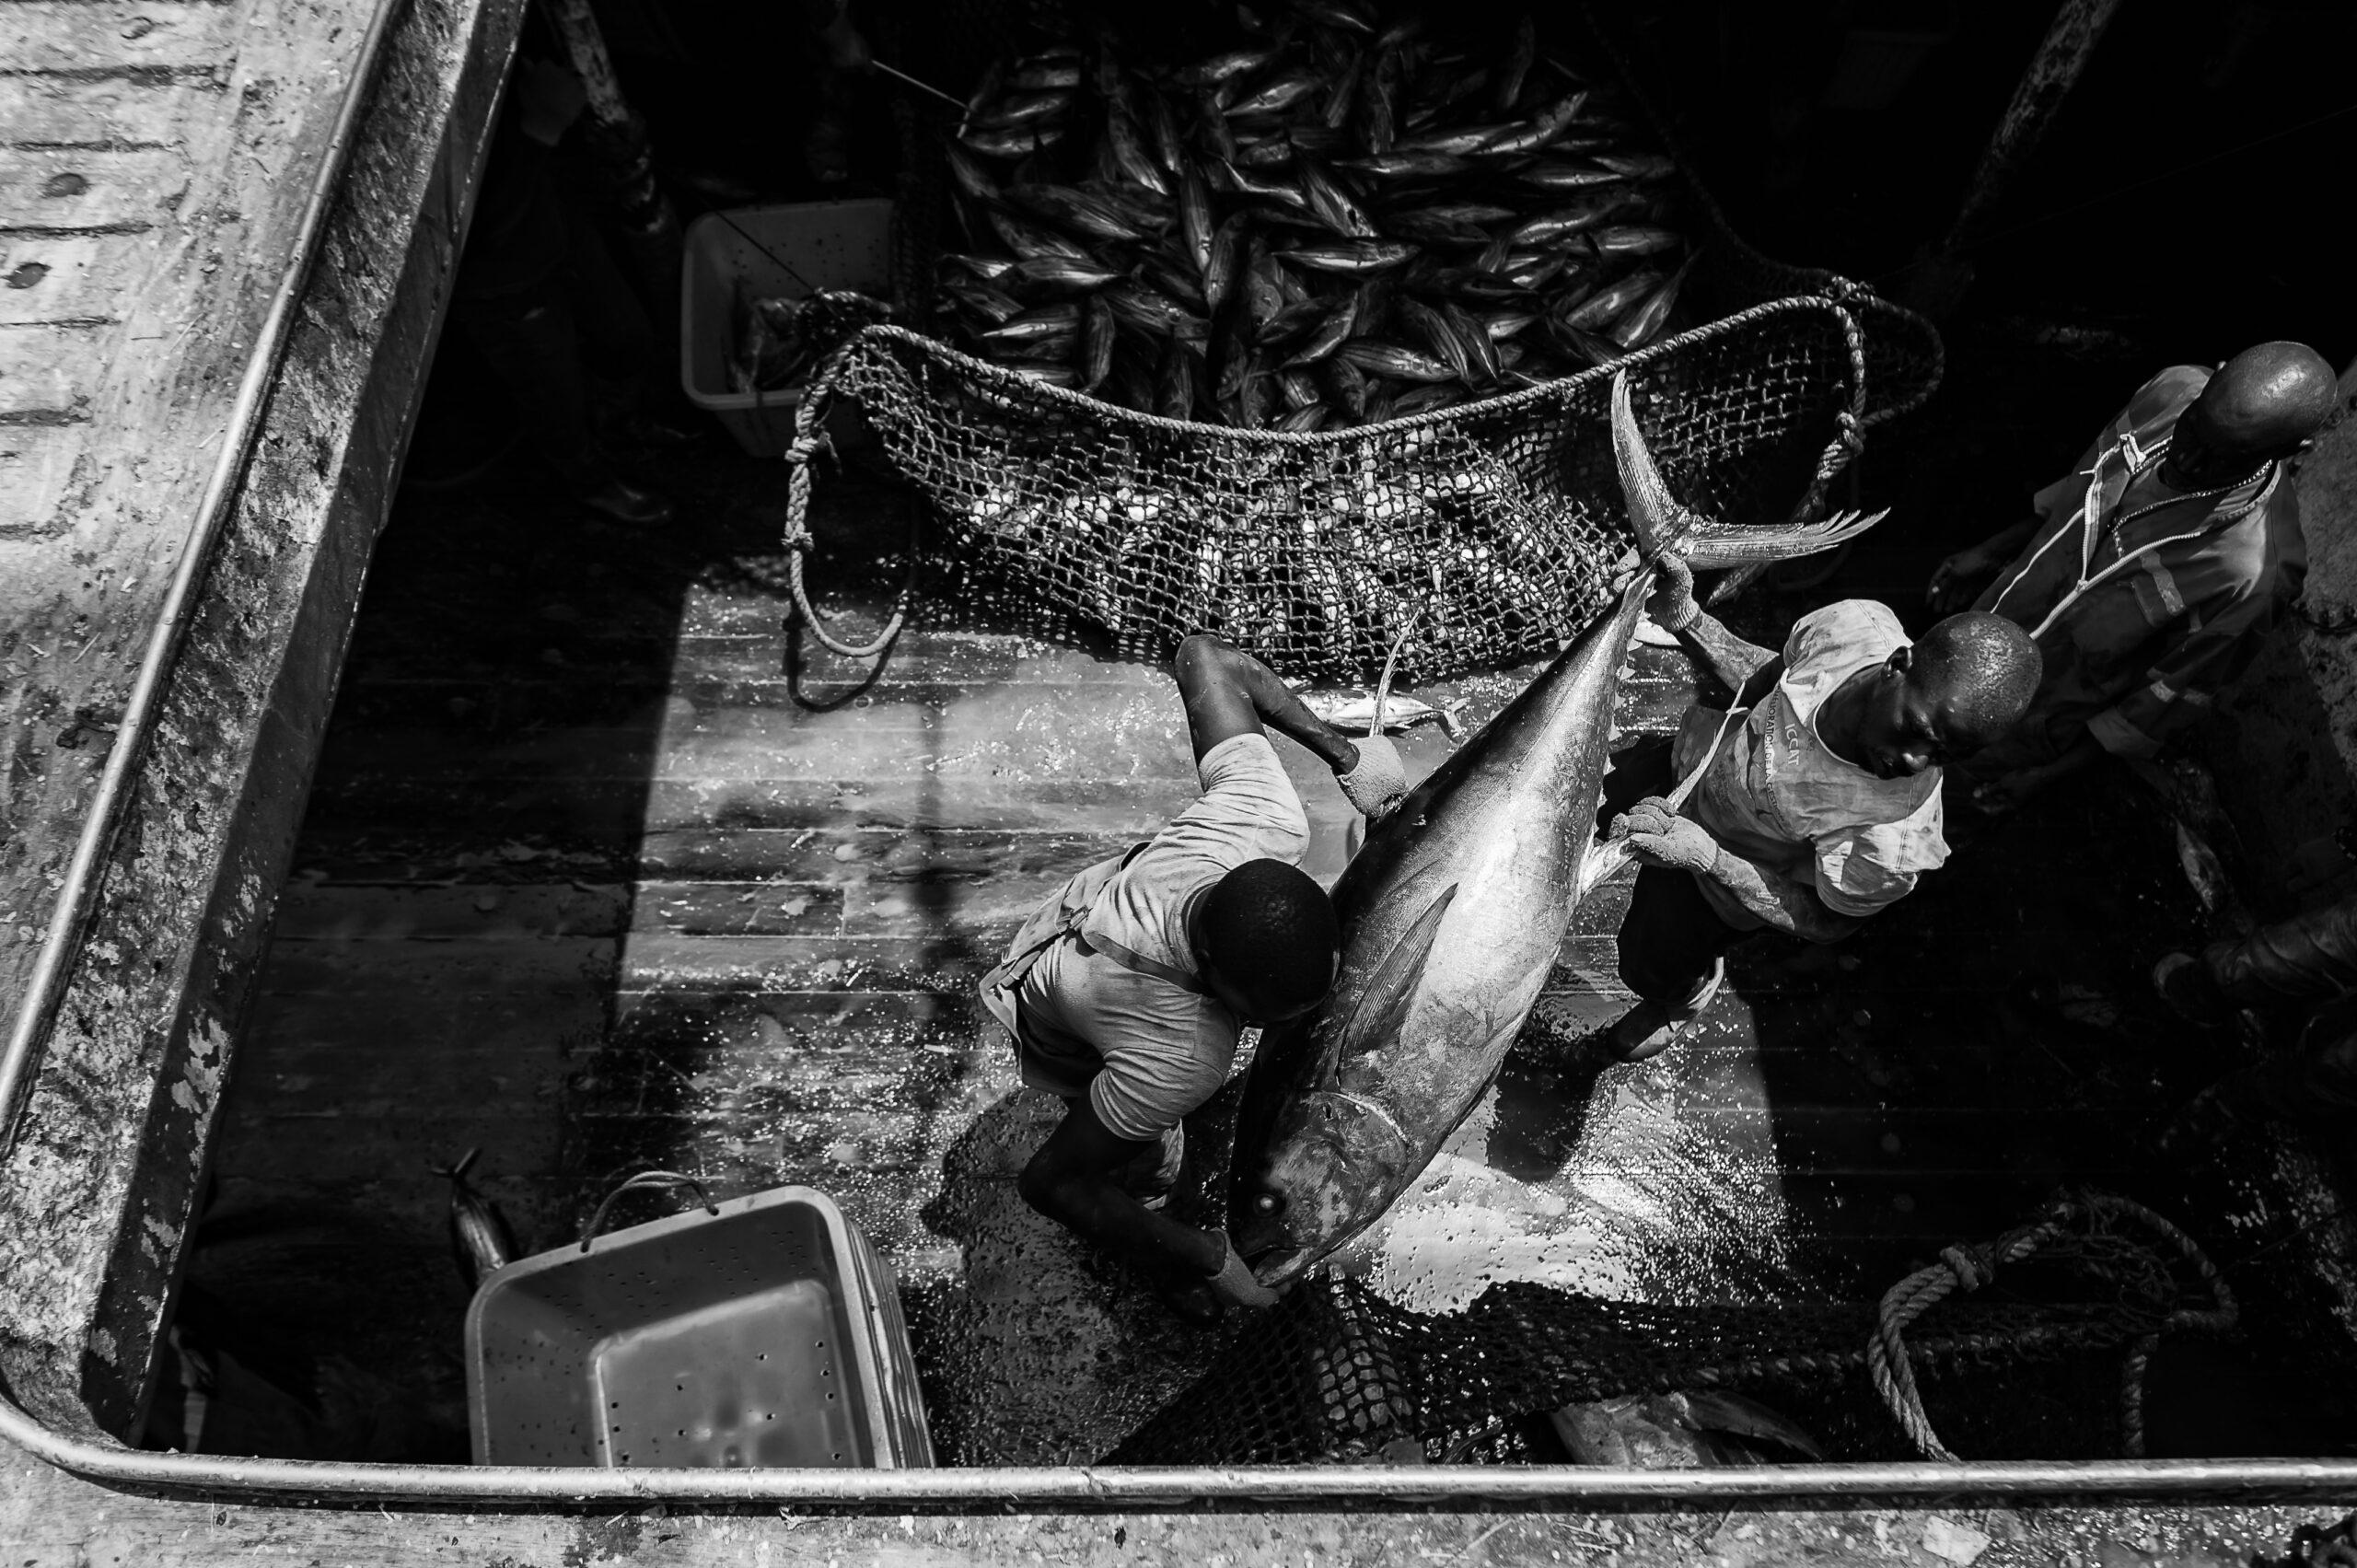 """Primer Premio. Categoría: Mejor trabajo en el exterior (Serie). Marineros senegaleses descargan un ejemplar de atún """"Yellowfin"""" en el puerto de Dakar, Senegal. El Yellowfin se encuentra principalmente en aguas tropicales y es mayoritariamente utilizado para conservas. Nando Rivero"""